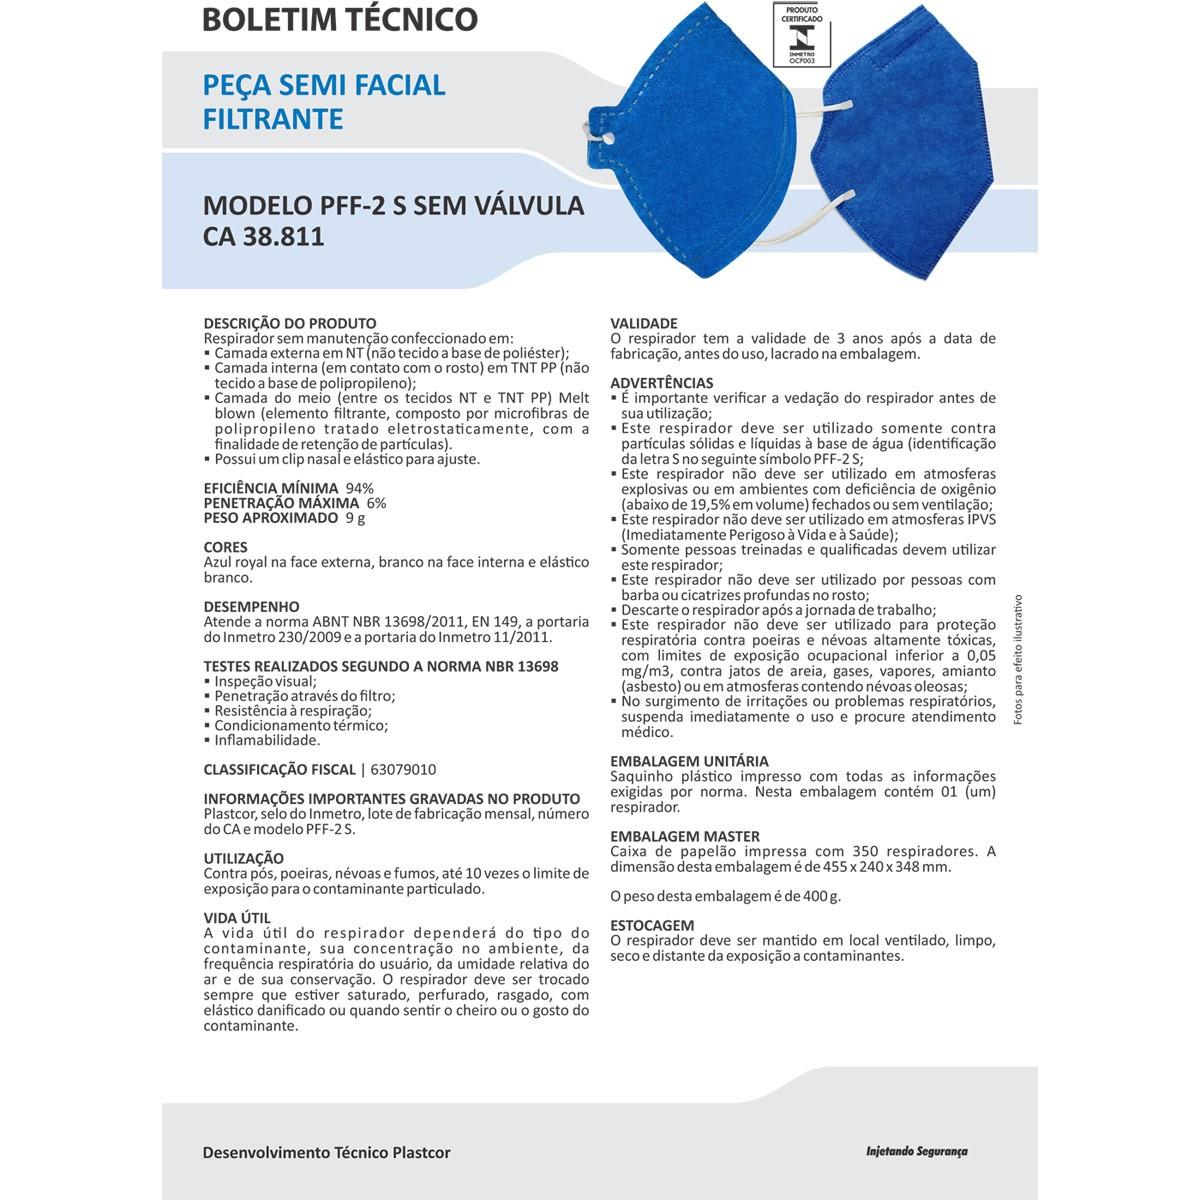 Protetor Facial PFF-2 S - N95 Com CA 38811 - 10 Unidades  - Testes Para Drogas e COVID-19. Máscaras e Como Parar de Beber e Fumar